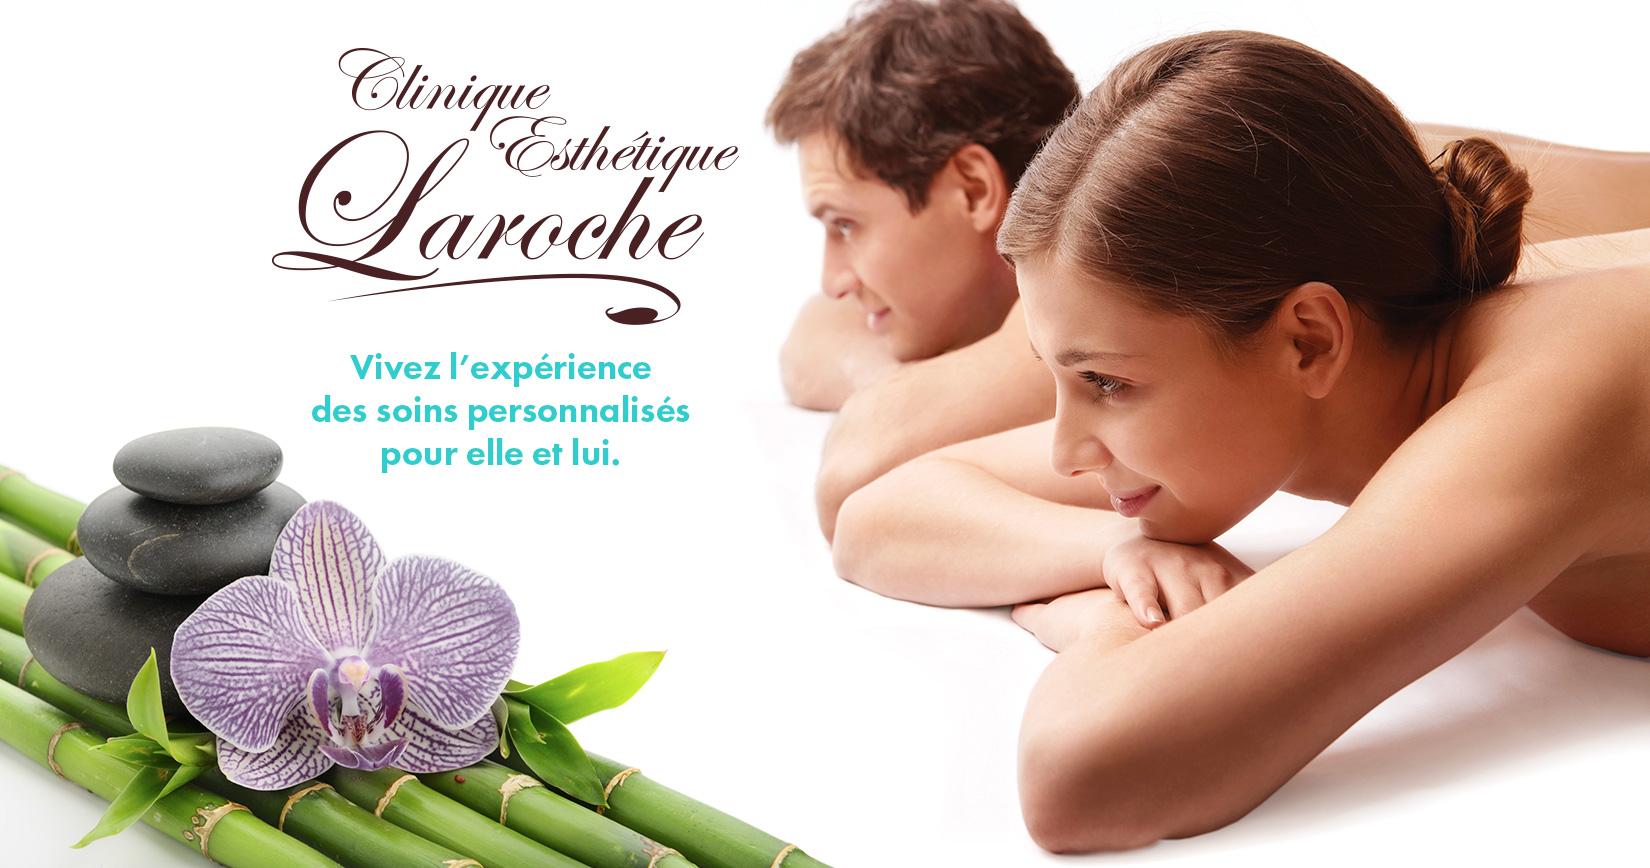 Clinique Esthétique Laroche